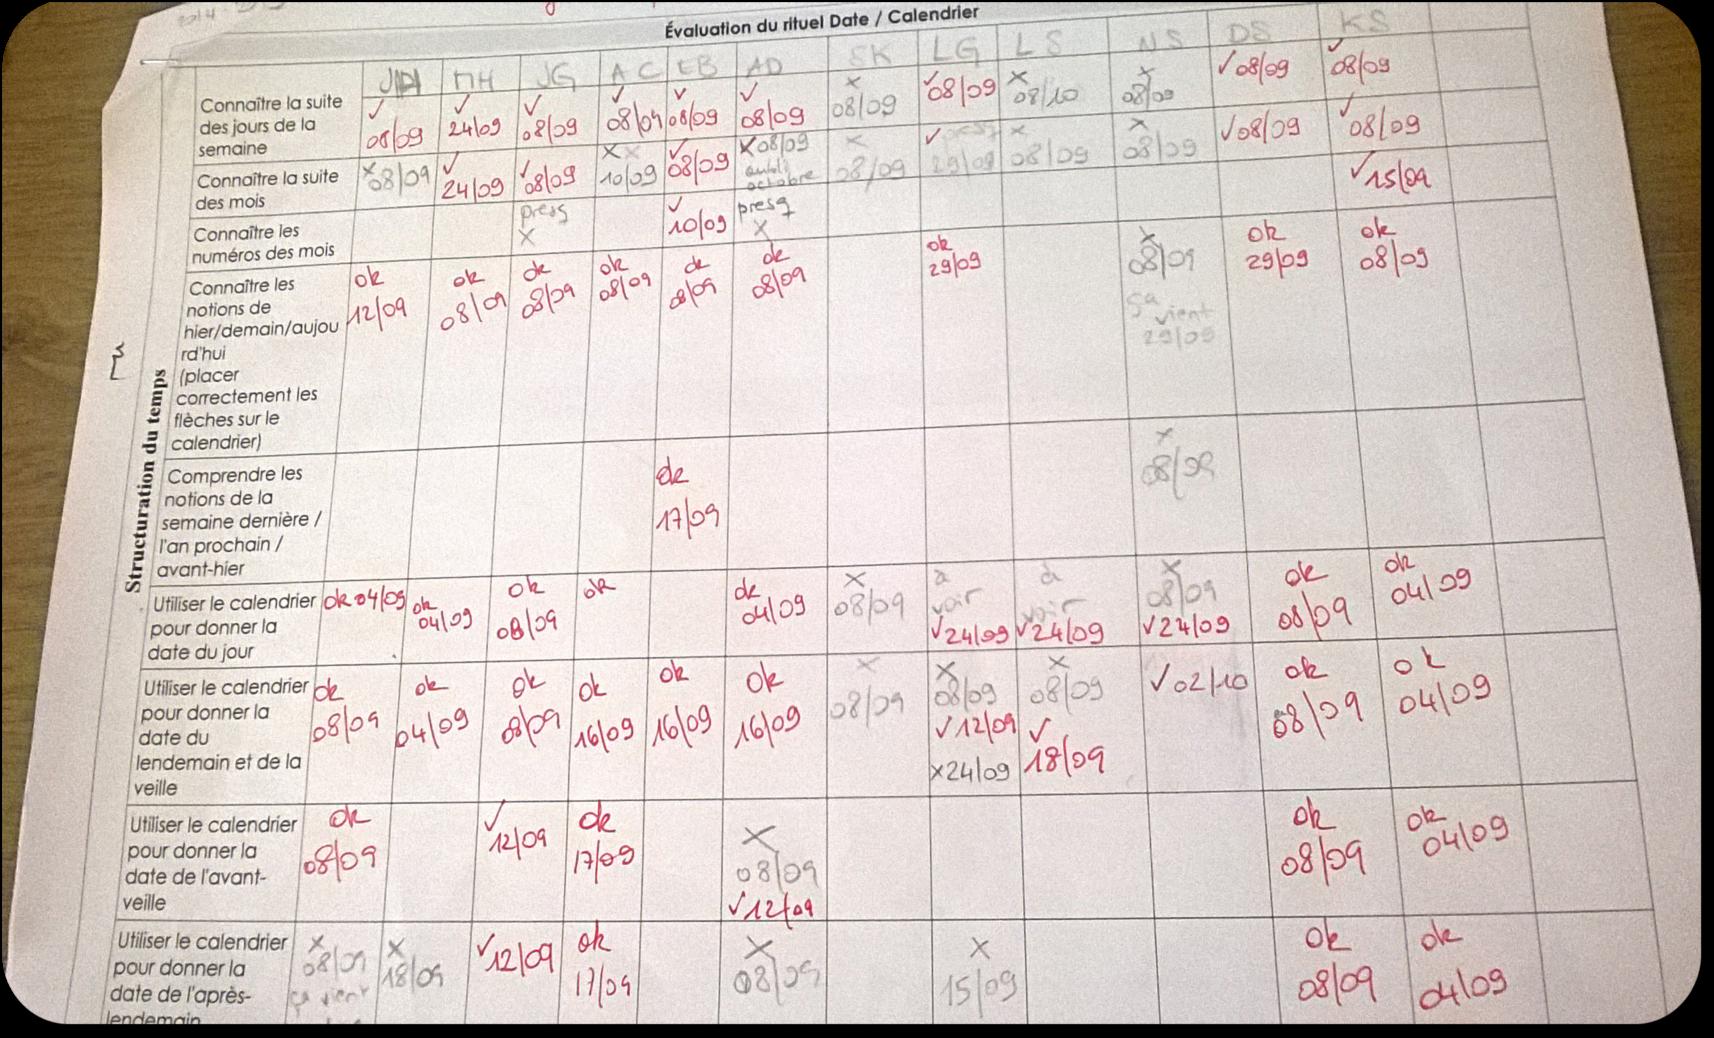 Grilles d 39 observations ritamoutarde en clis - Grille d observation comportementale ...